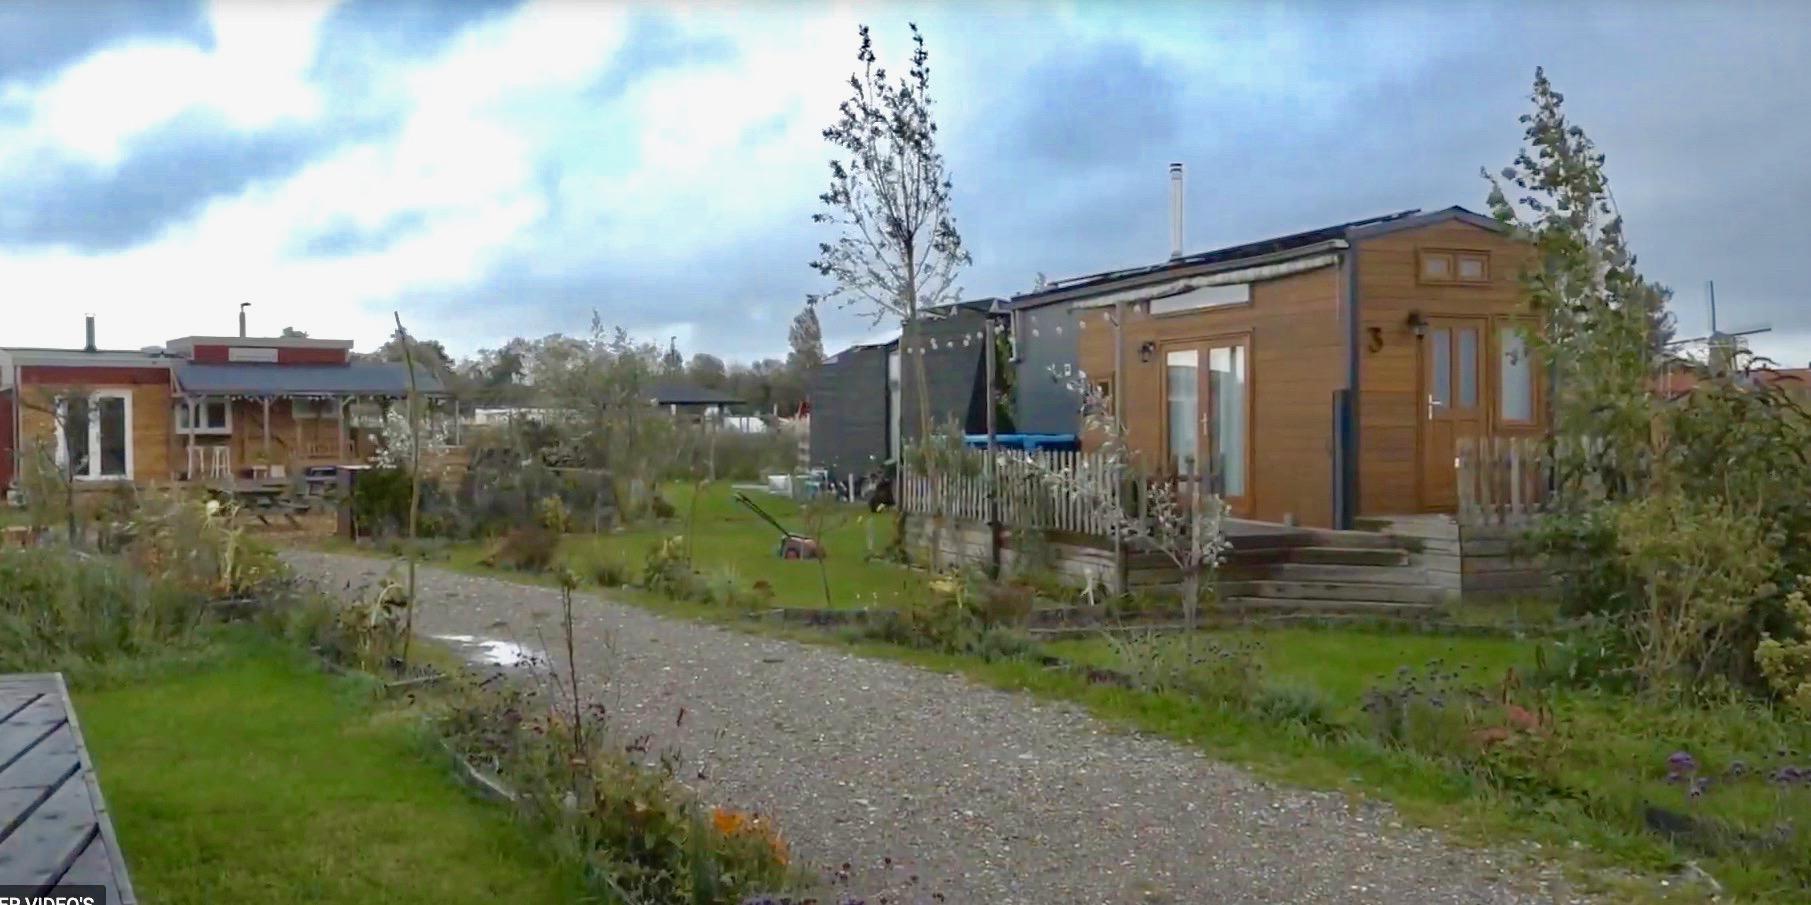 'Tiny houses aan Geraniumstraat in Lisse geven geen overlast'